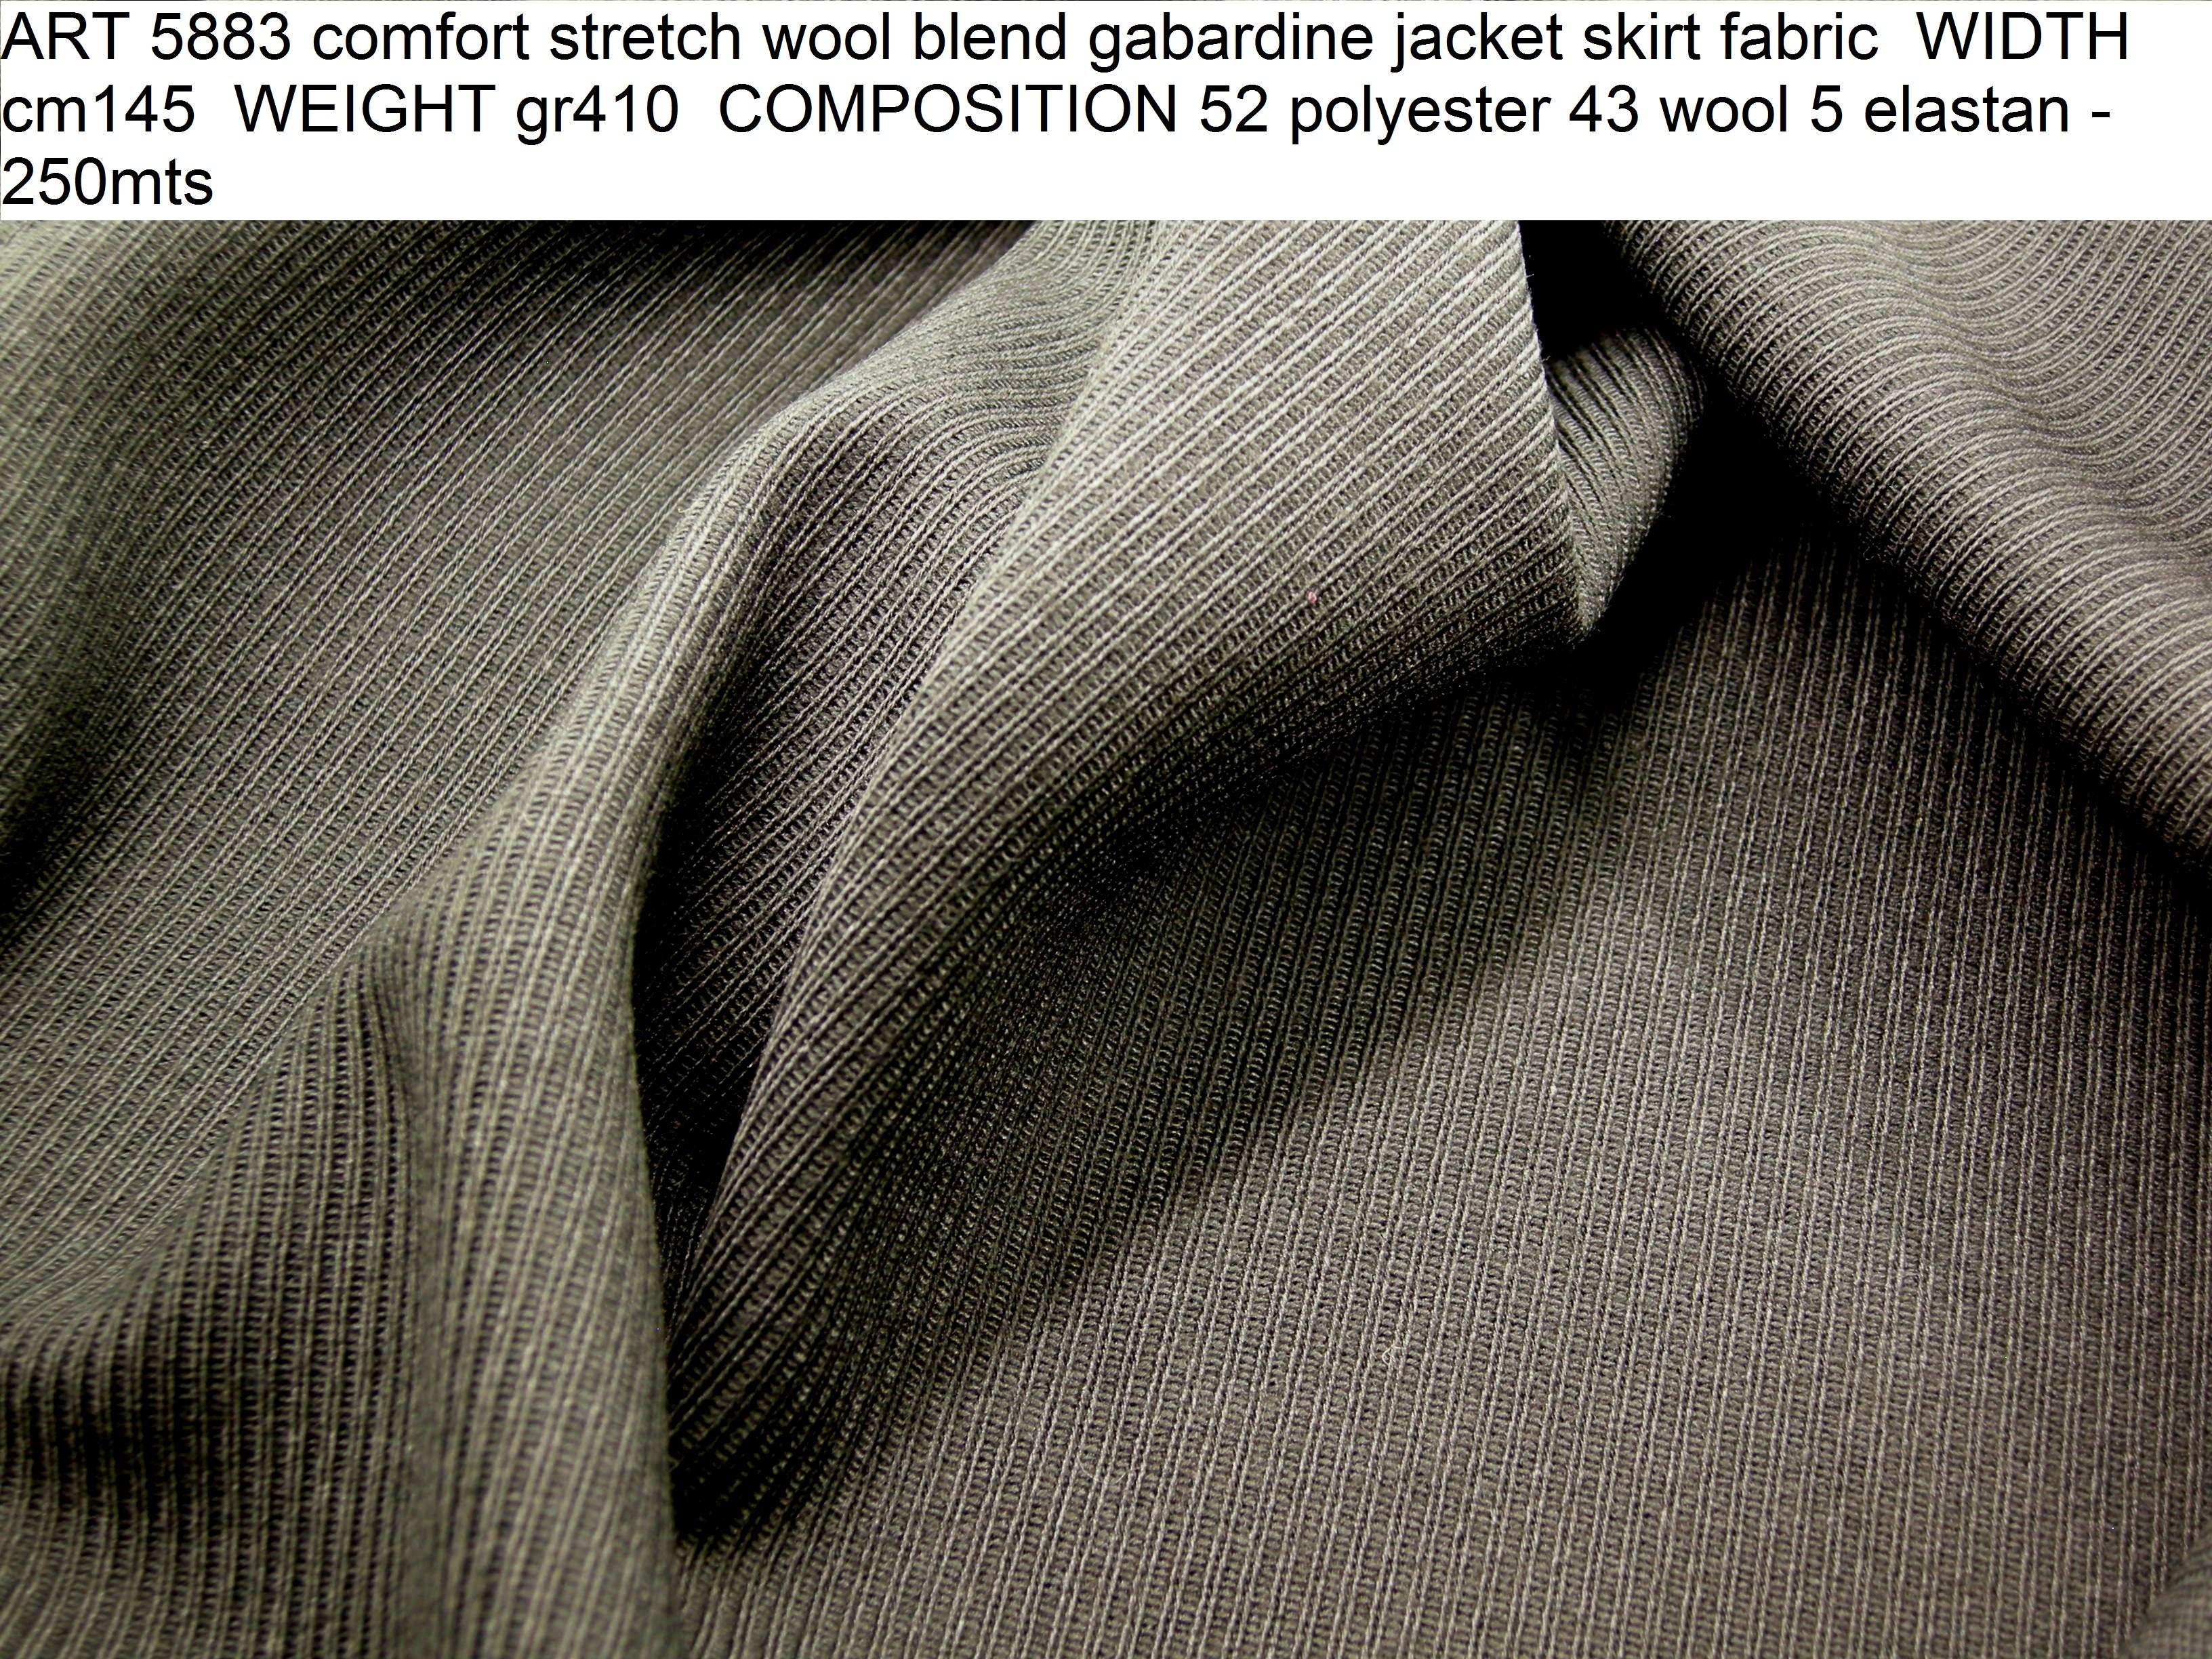 ART 5883 comfort stretch wool blend gabardine jacket skirt fabric WIDTH cm145 WEIGHT gr410 COMPOSITION 52 polyester 43 wool 5 elastan - 250mts